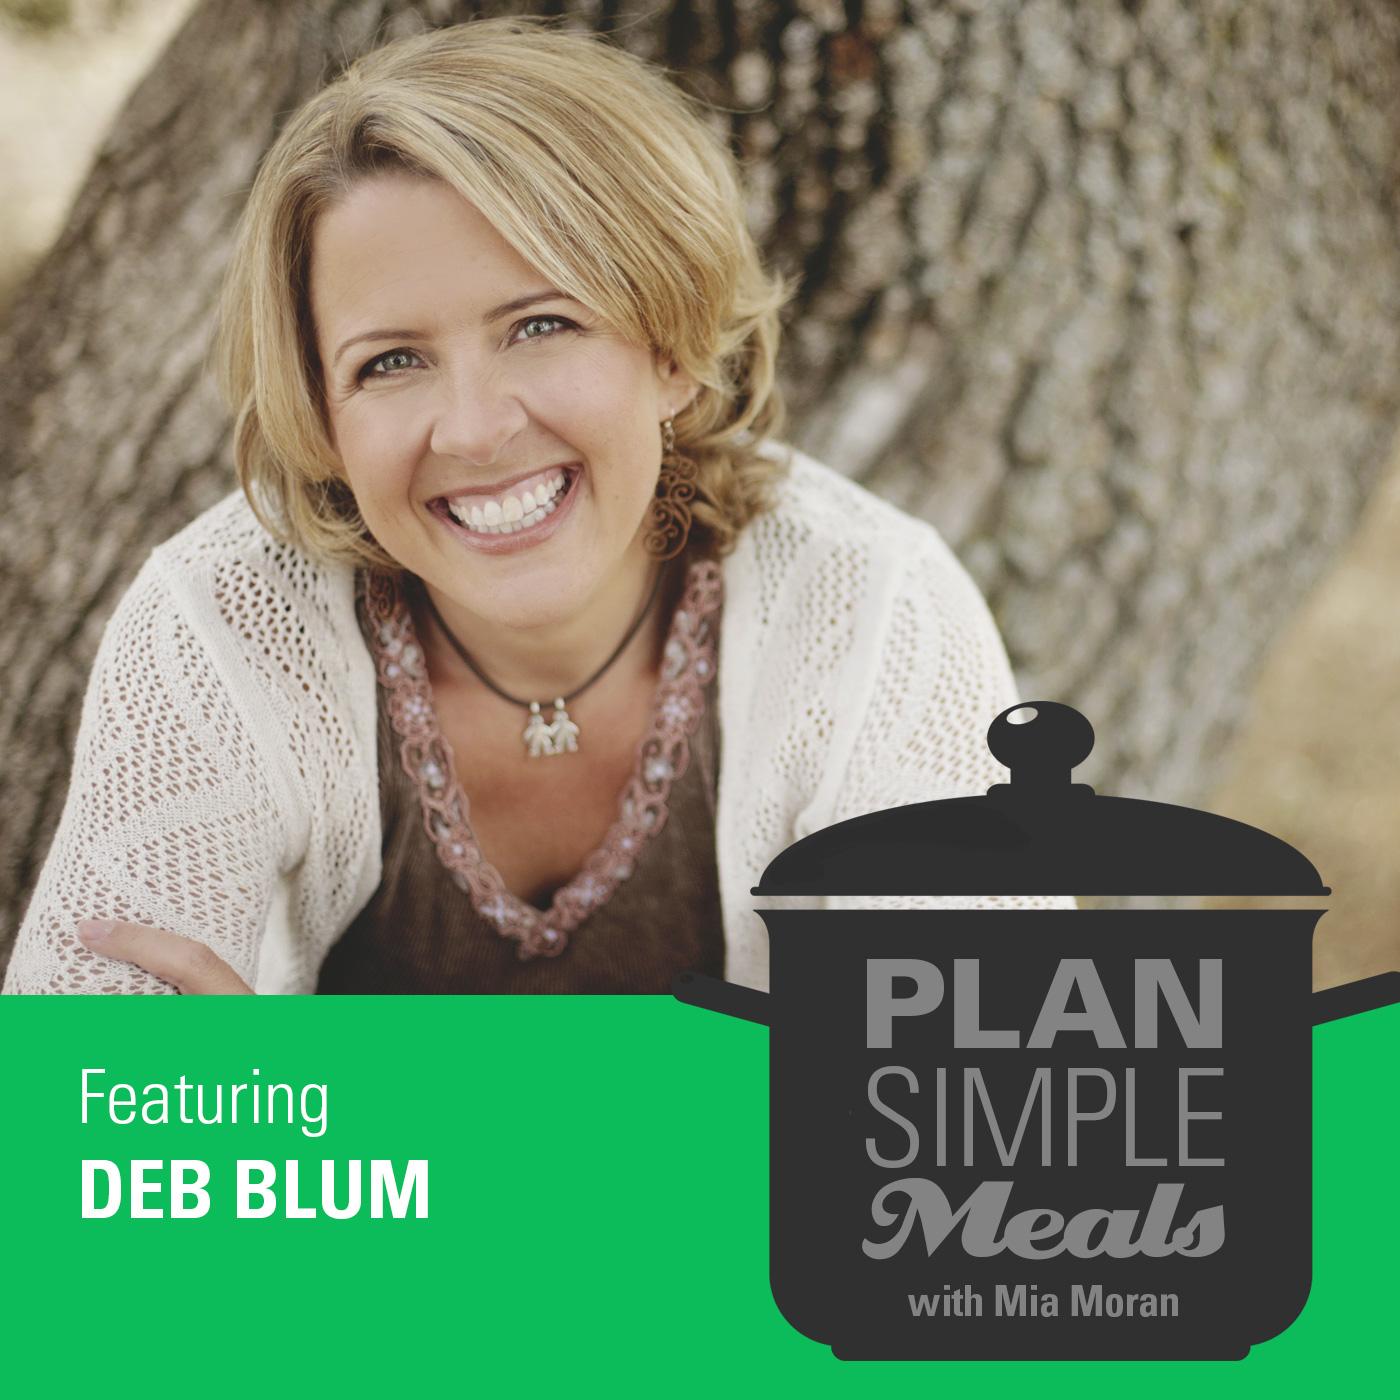 Deb Blum